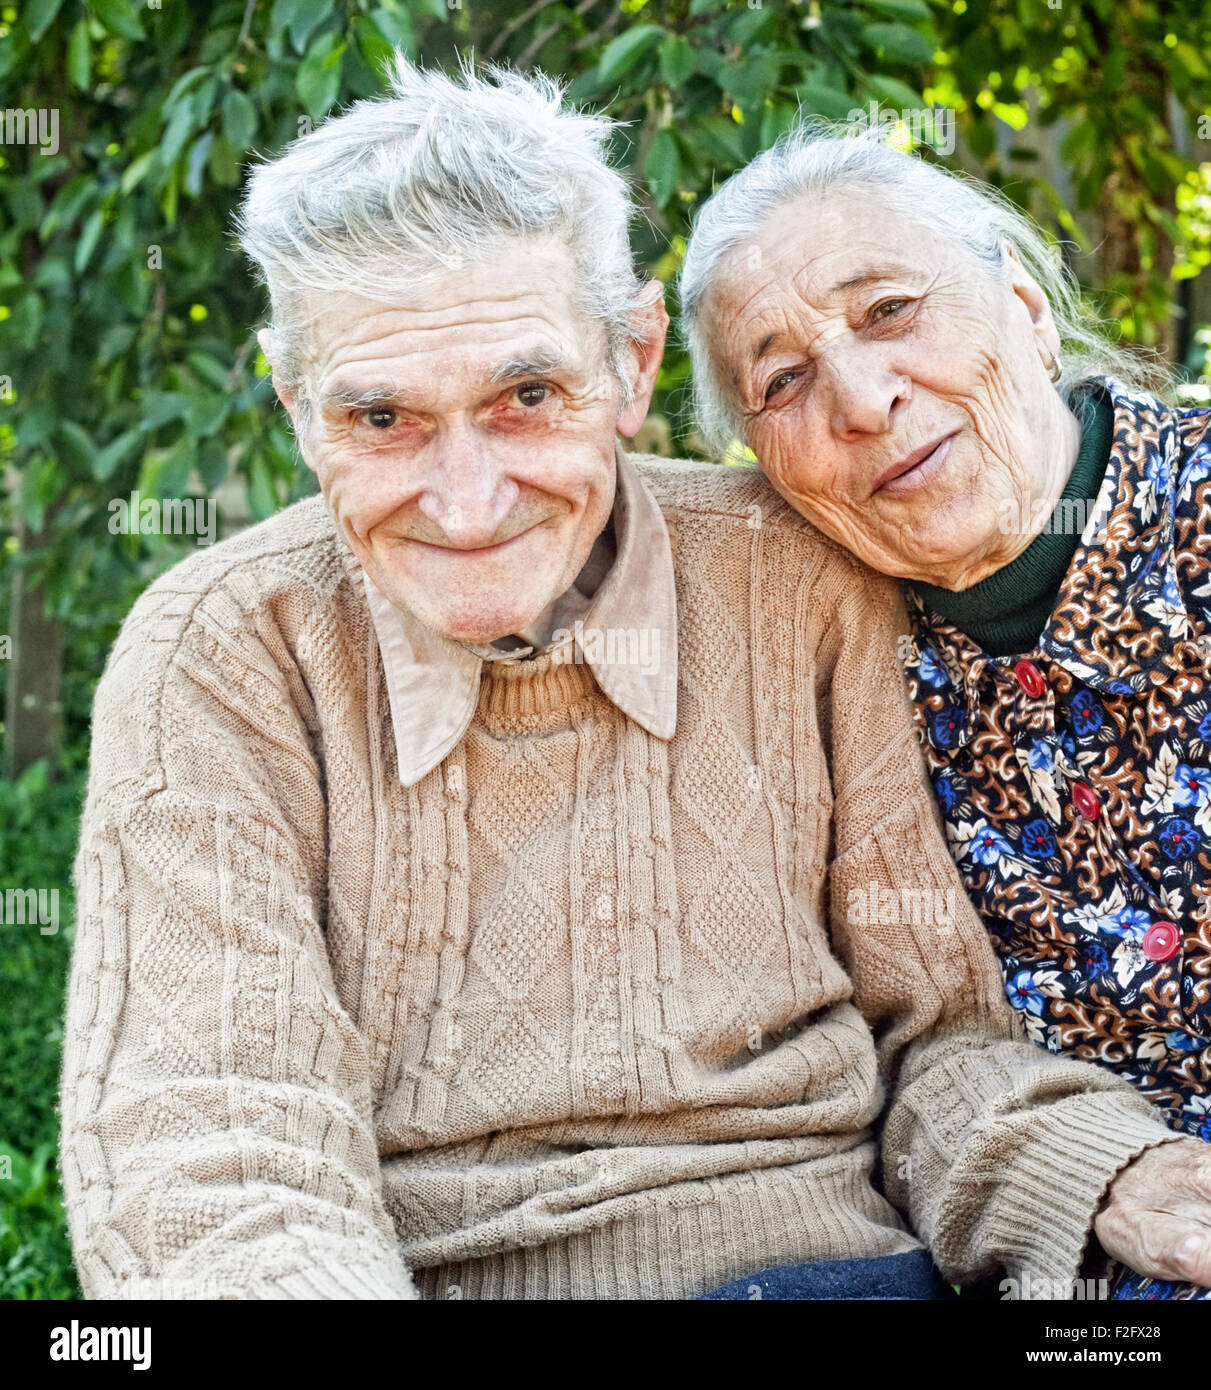 Feliz y alegre antigua pareja senior outdoor Imagen De Stock